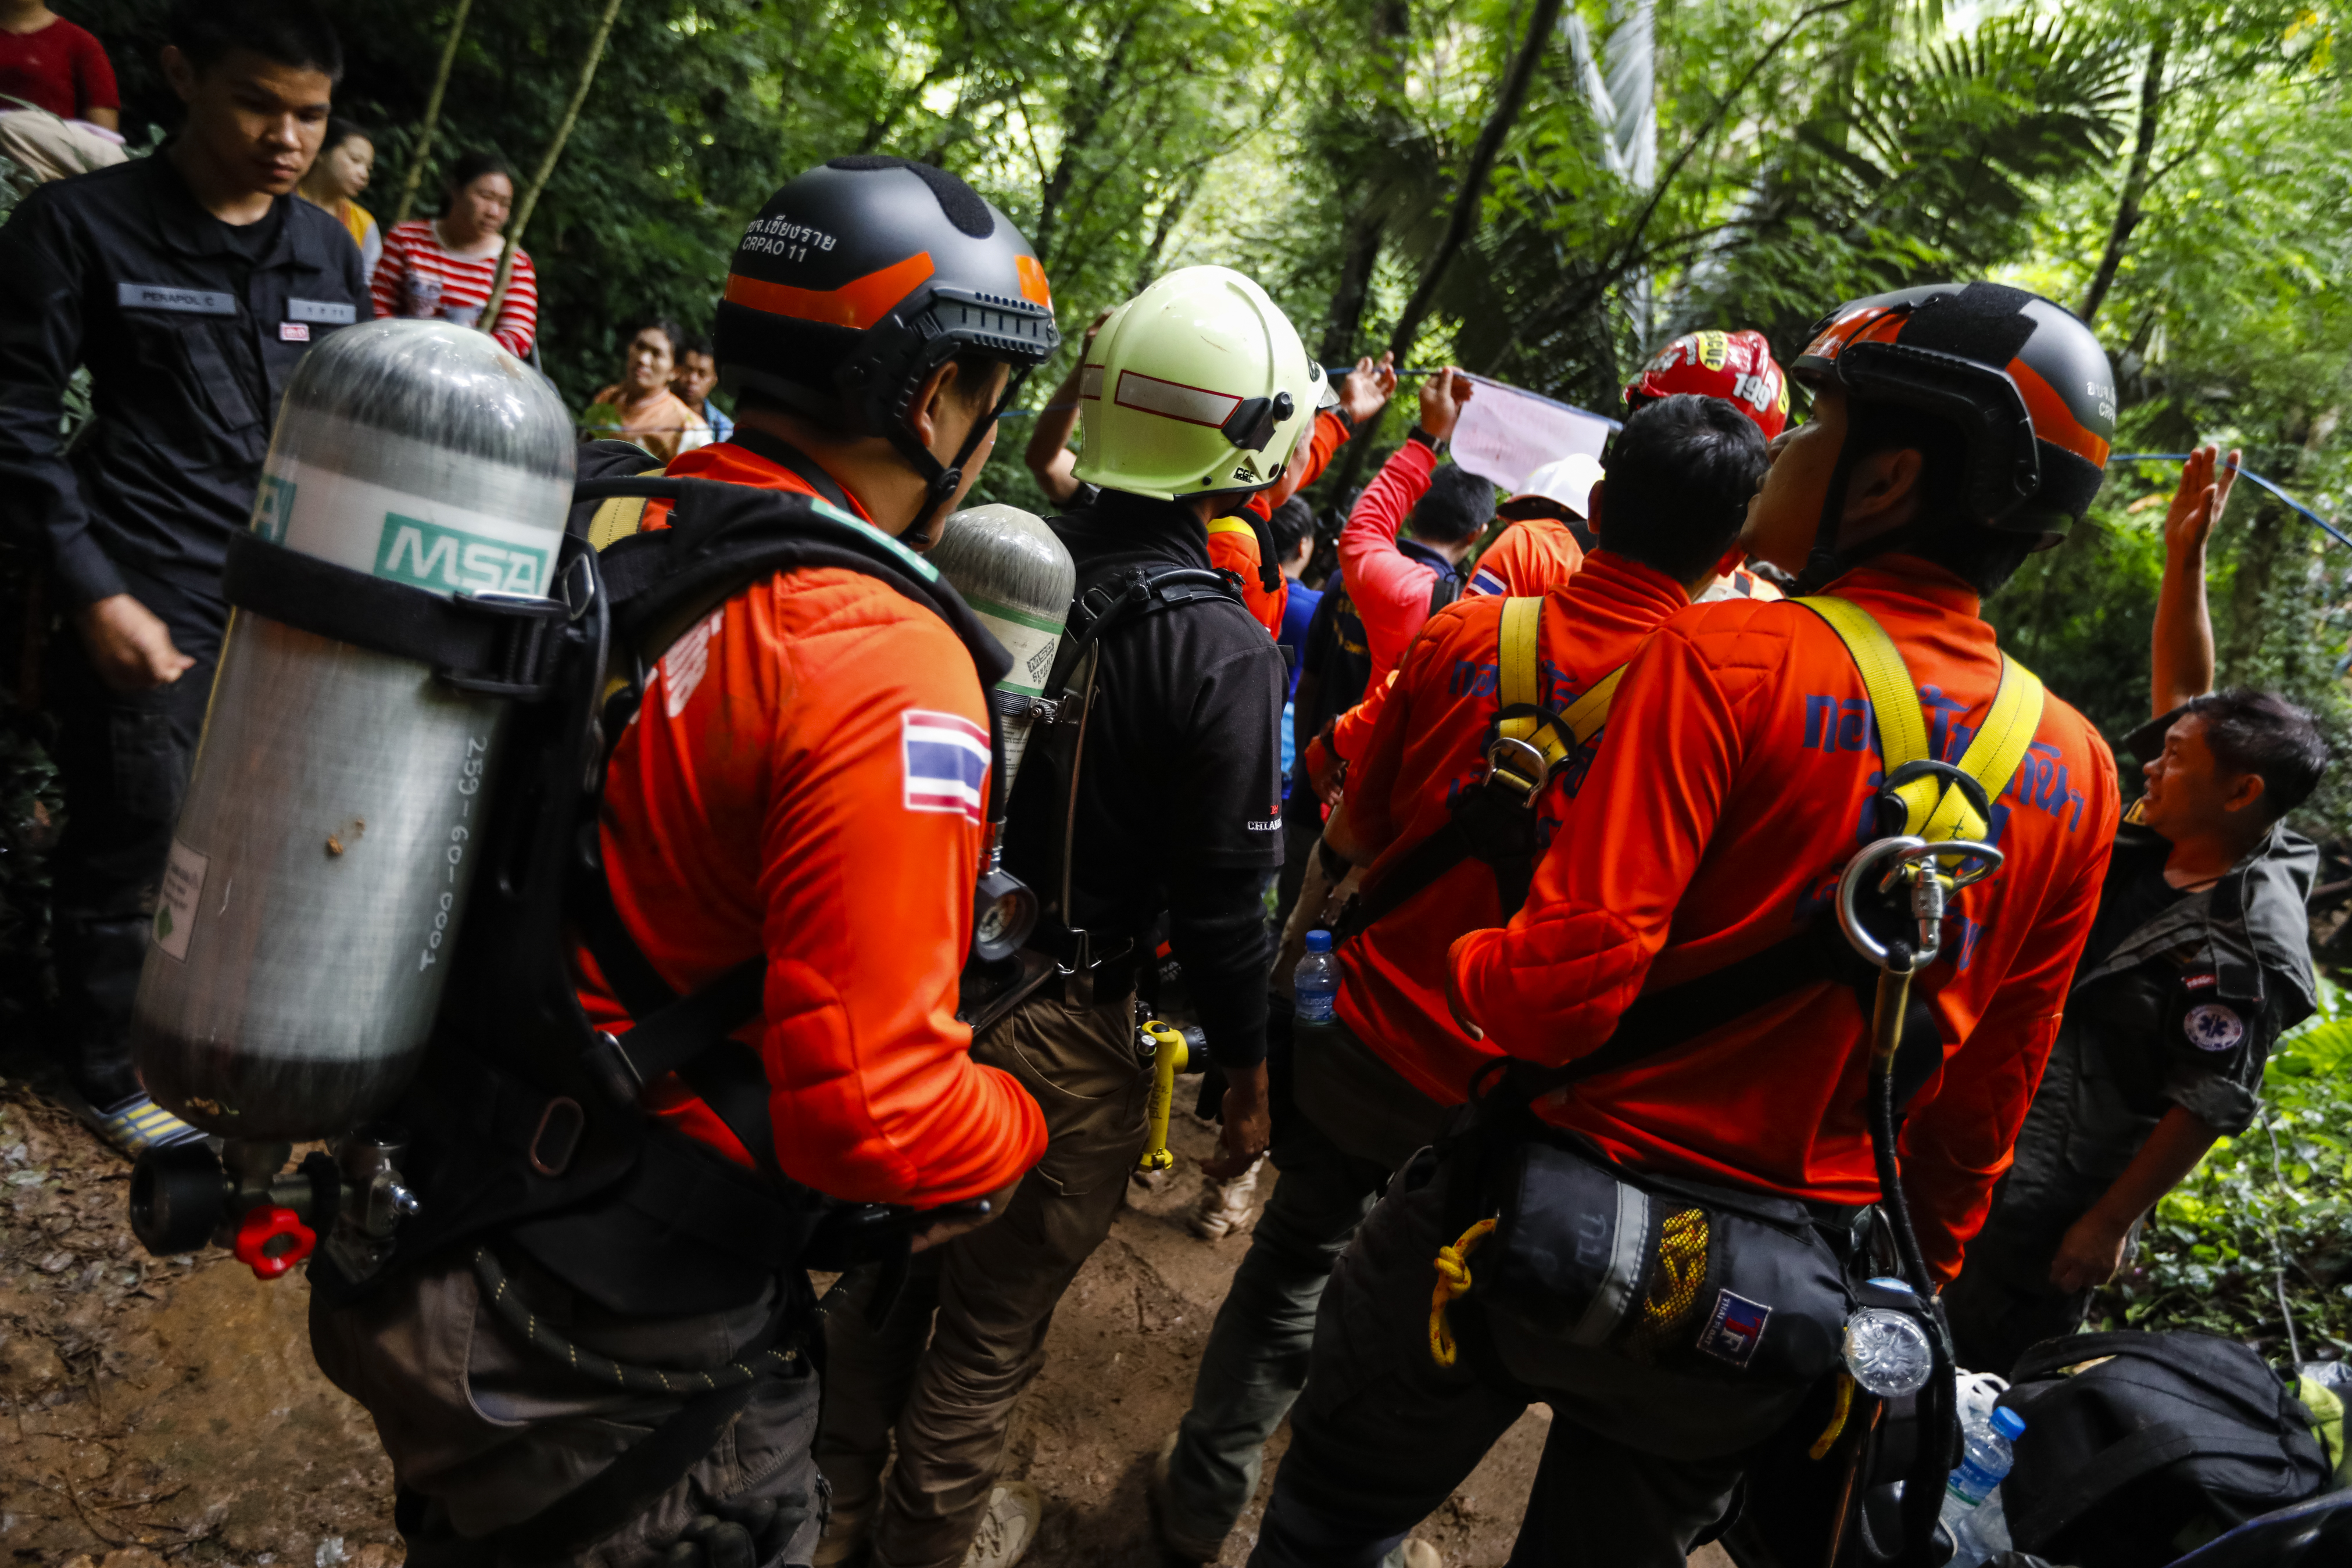 Eltűnt egy gyerekekből álló focicsapat egy thai barlangban, mentőakció indult a keresésükre